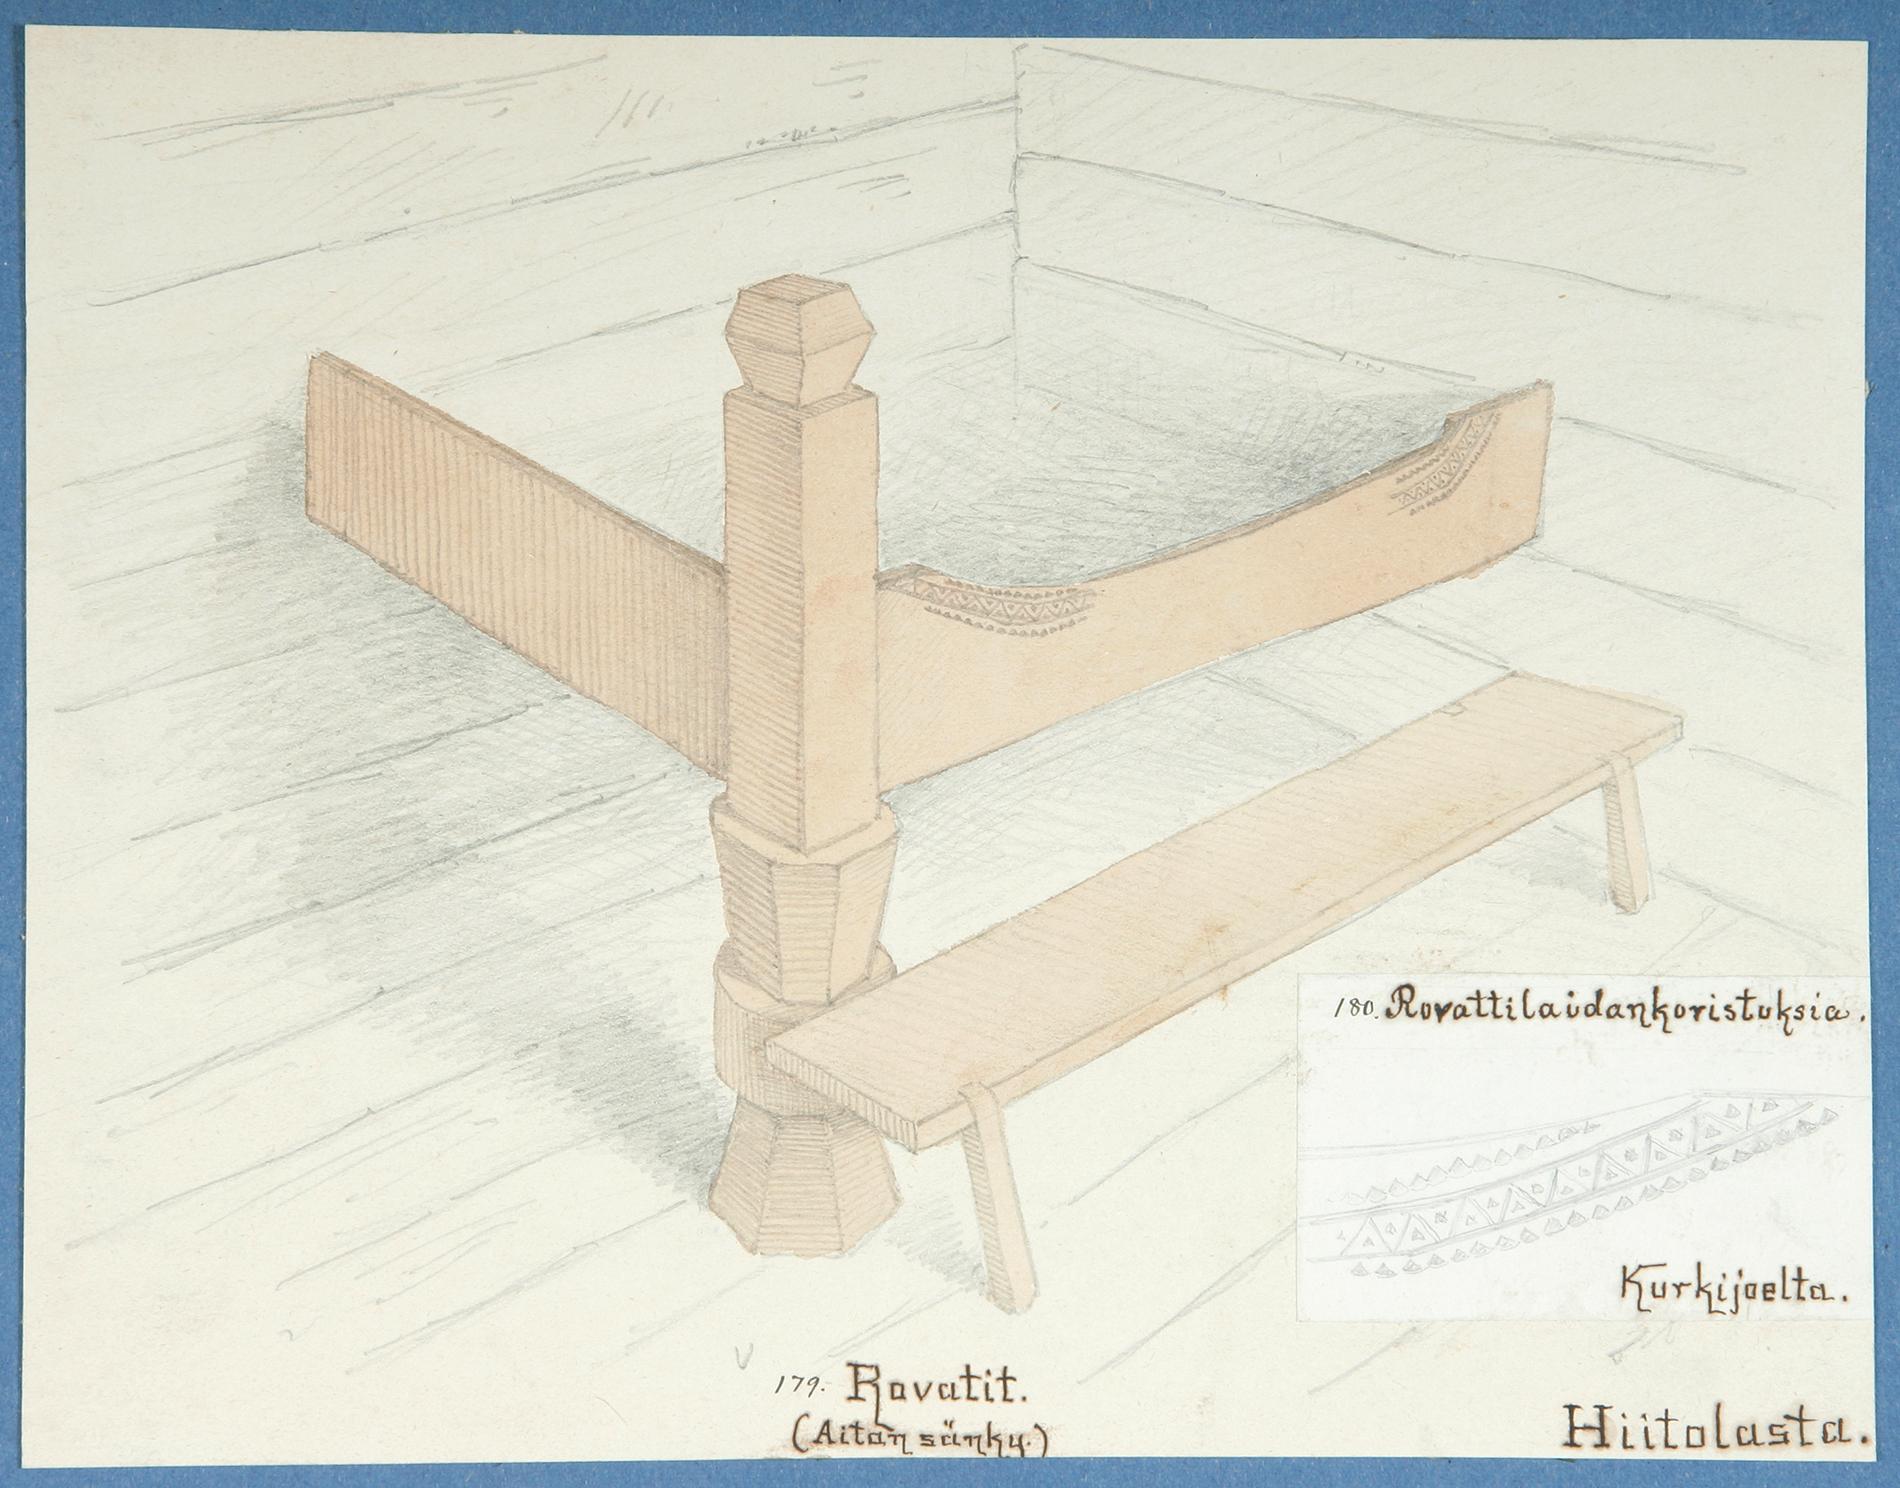 Aitan sänky Hiitolasta, piirros vuodelta 1880. SKS KRA. Piirtäjä Agaton Reinholm.